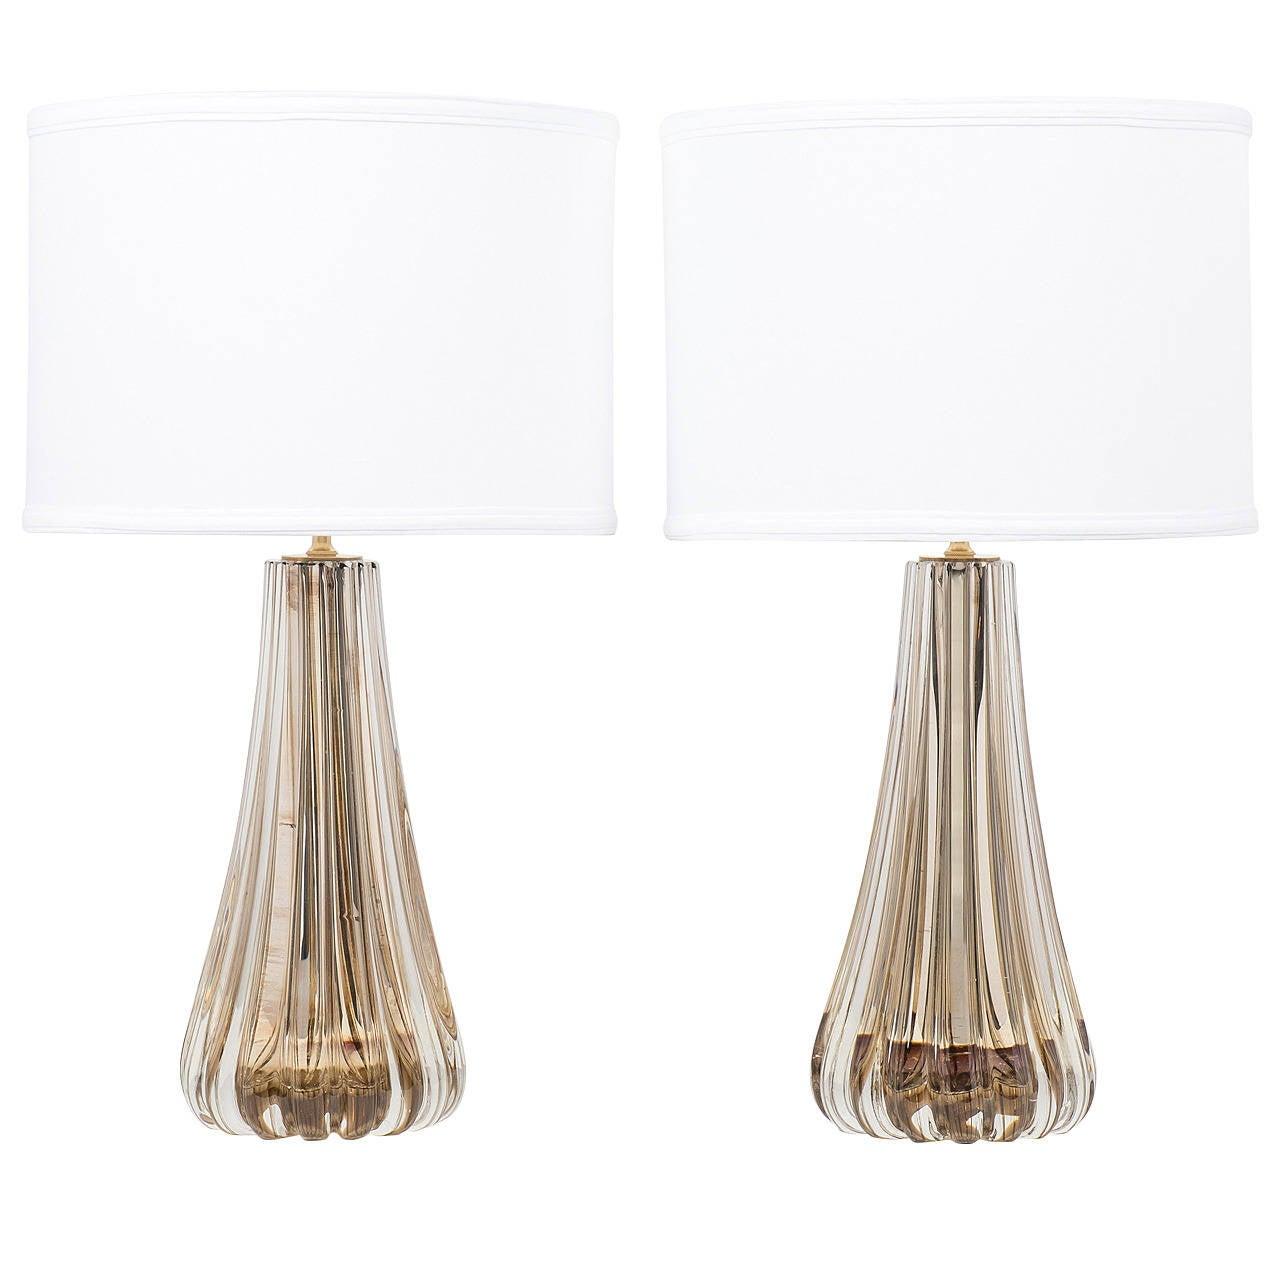 Pair of Murano Mercury Glass Lamps